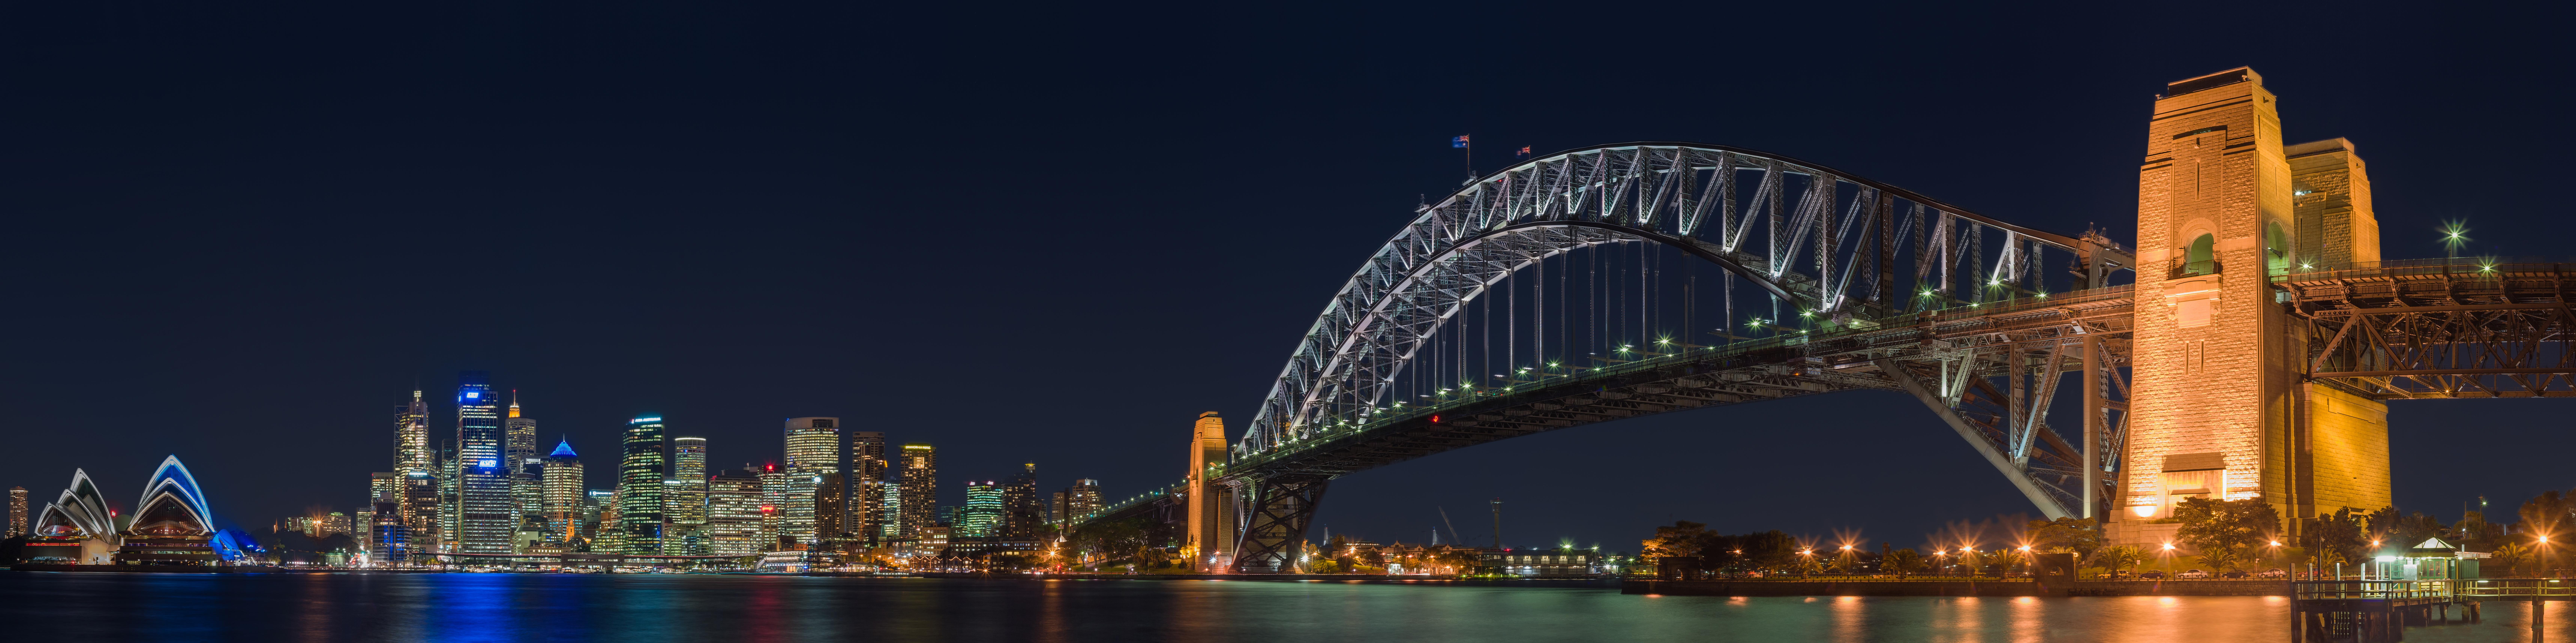 A Baía de Sydney à noite com Ponte e a Ópera de Sydney.